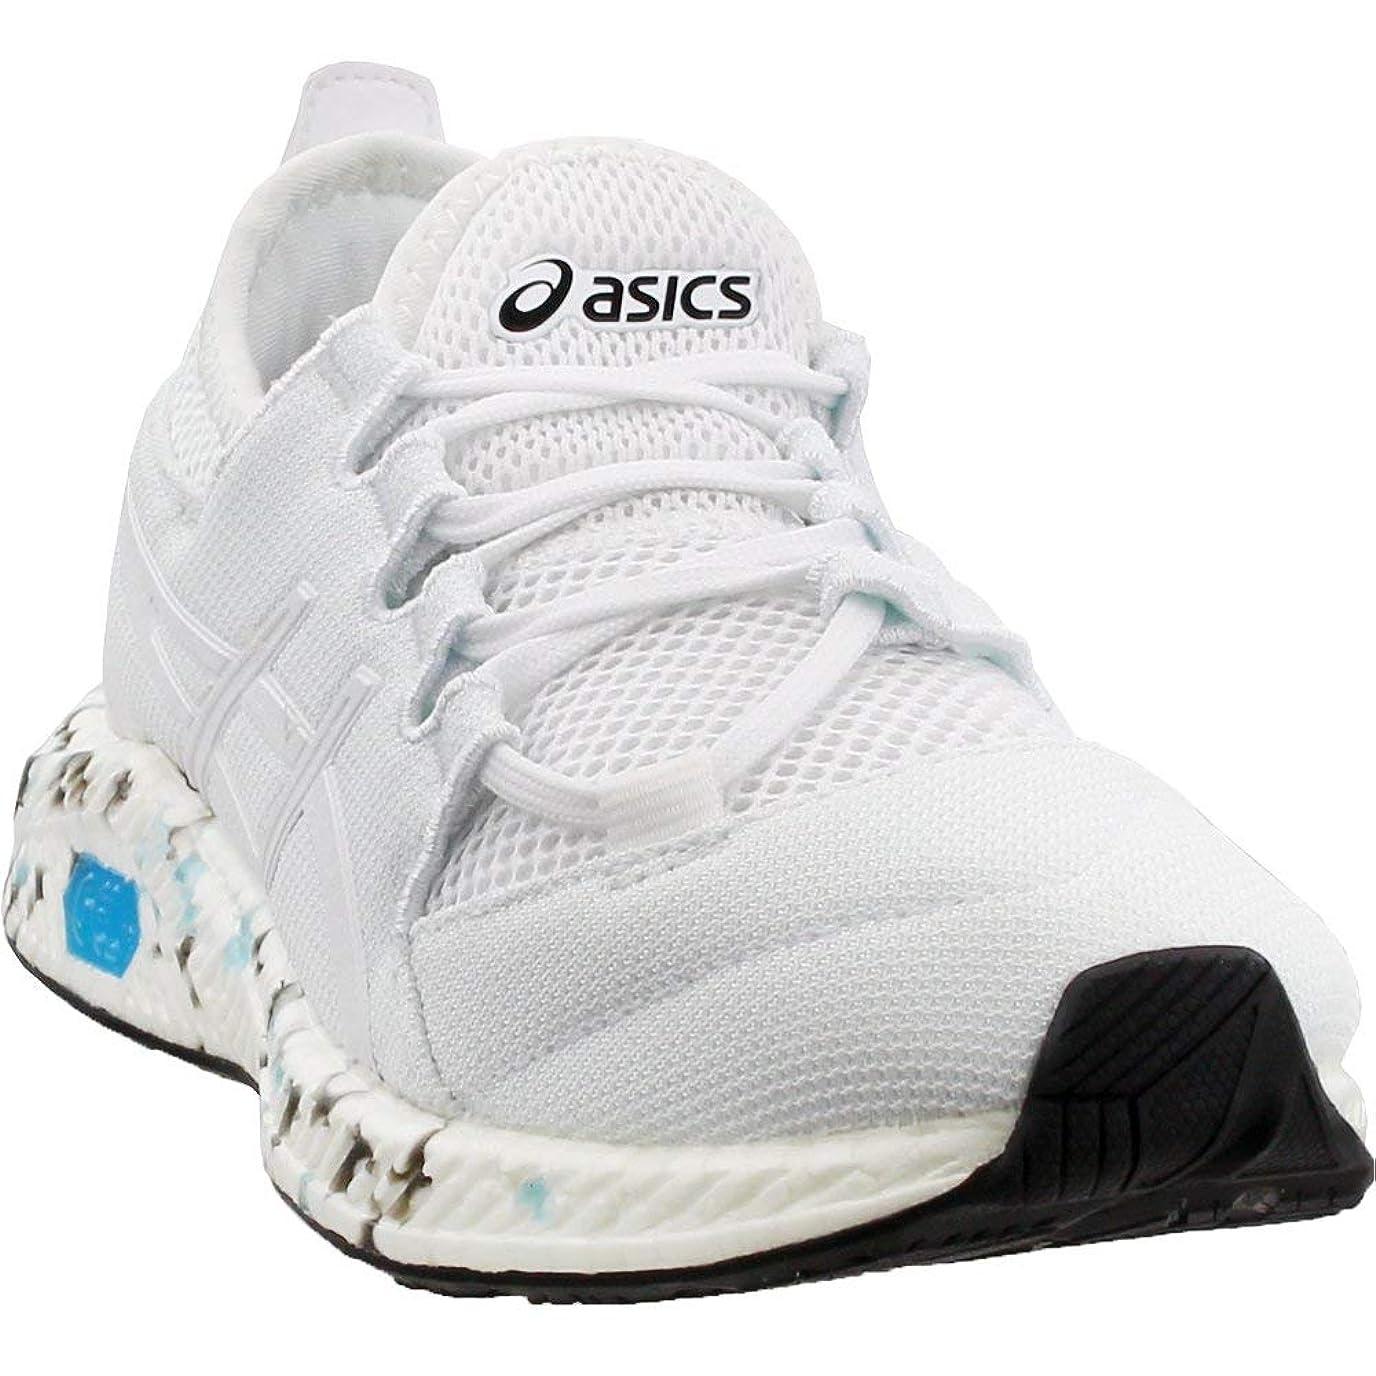 本部醜い見物人[ASICS] レディース US サイズ: 9.5 M US カラー: ホワイト